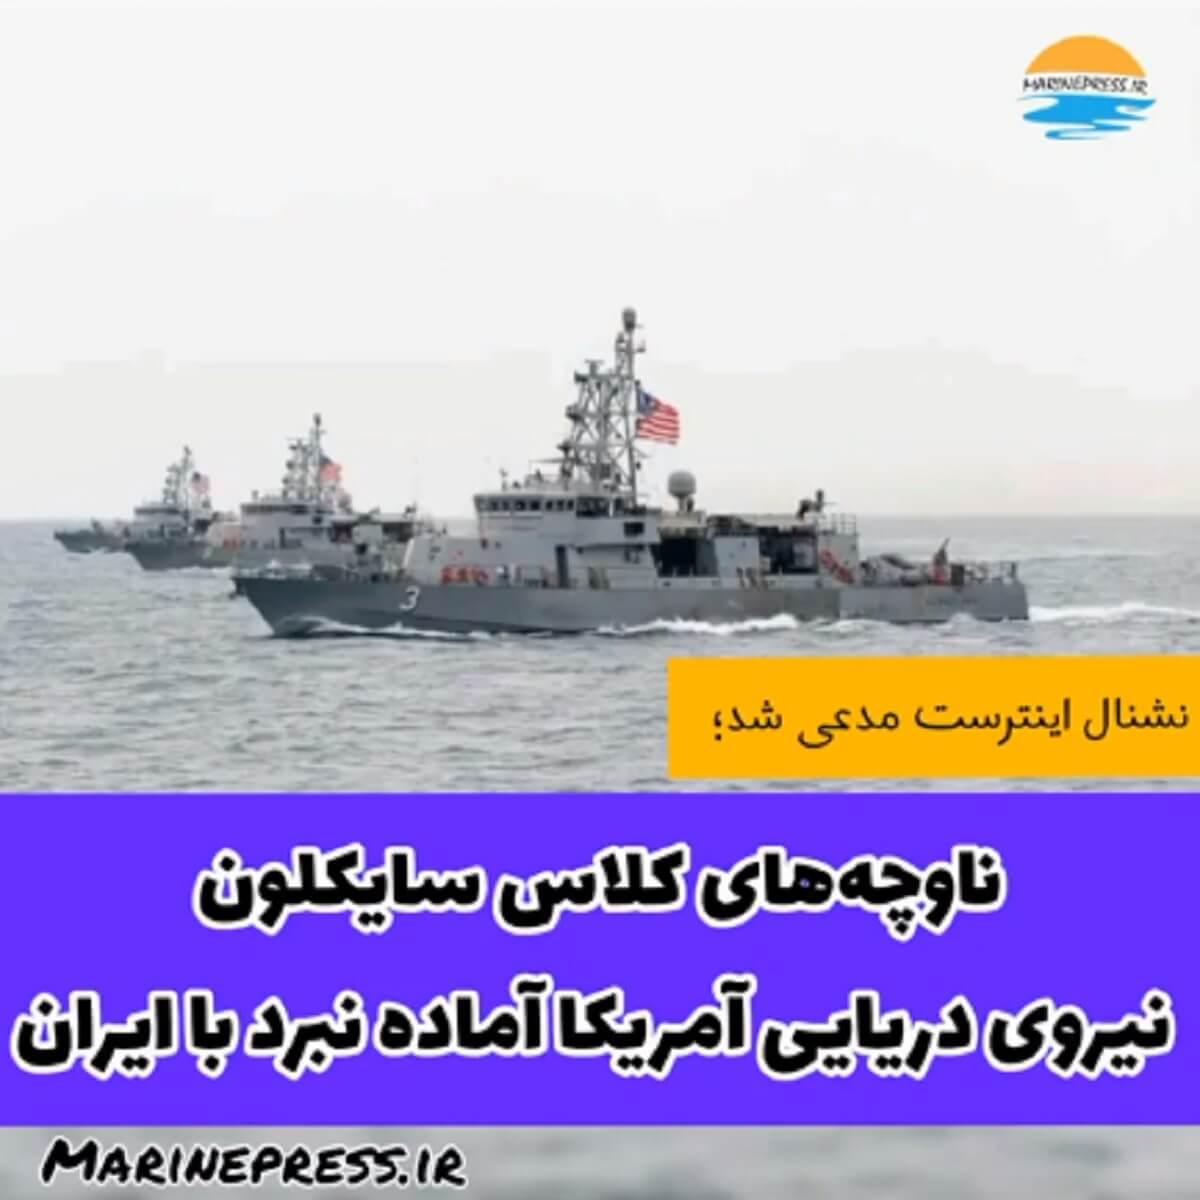 ناوچههای کلاس سایکلون نیروی دریایی آمریکا آماده نبرد با ایران